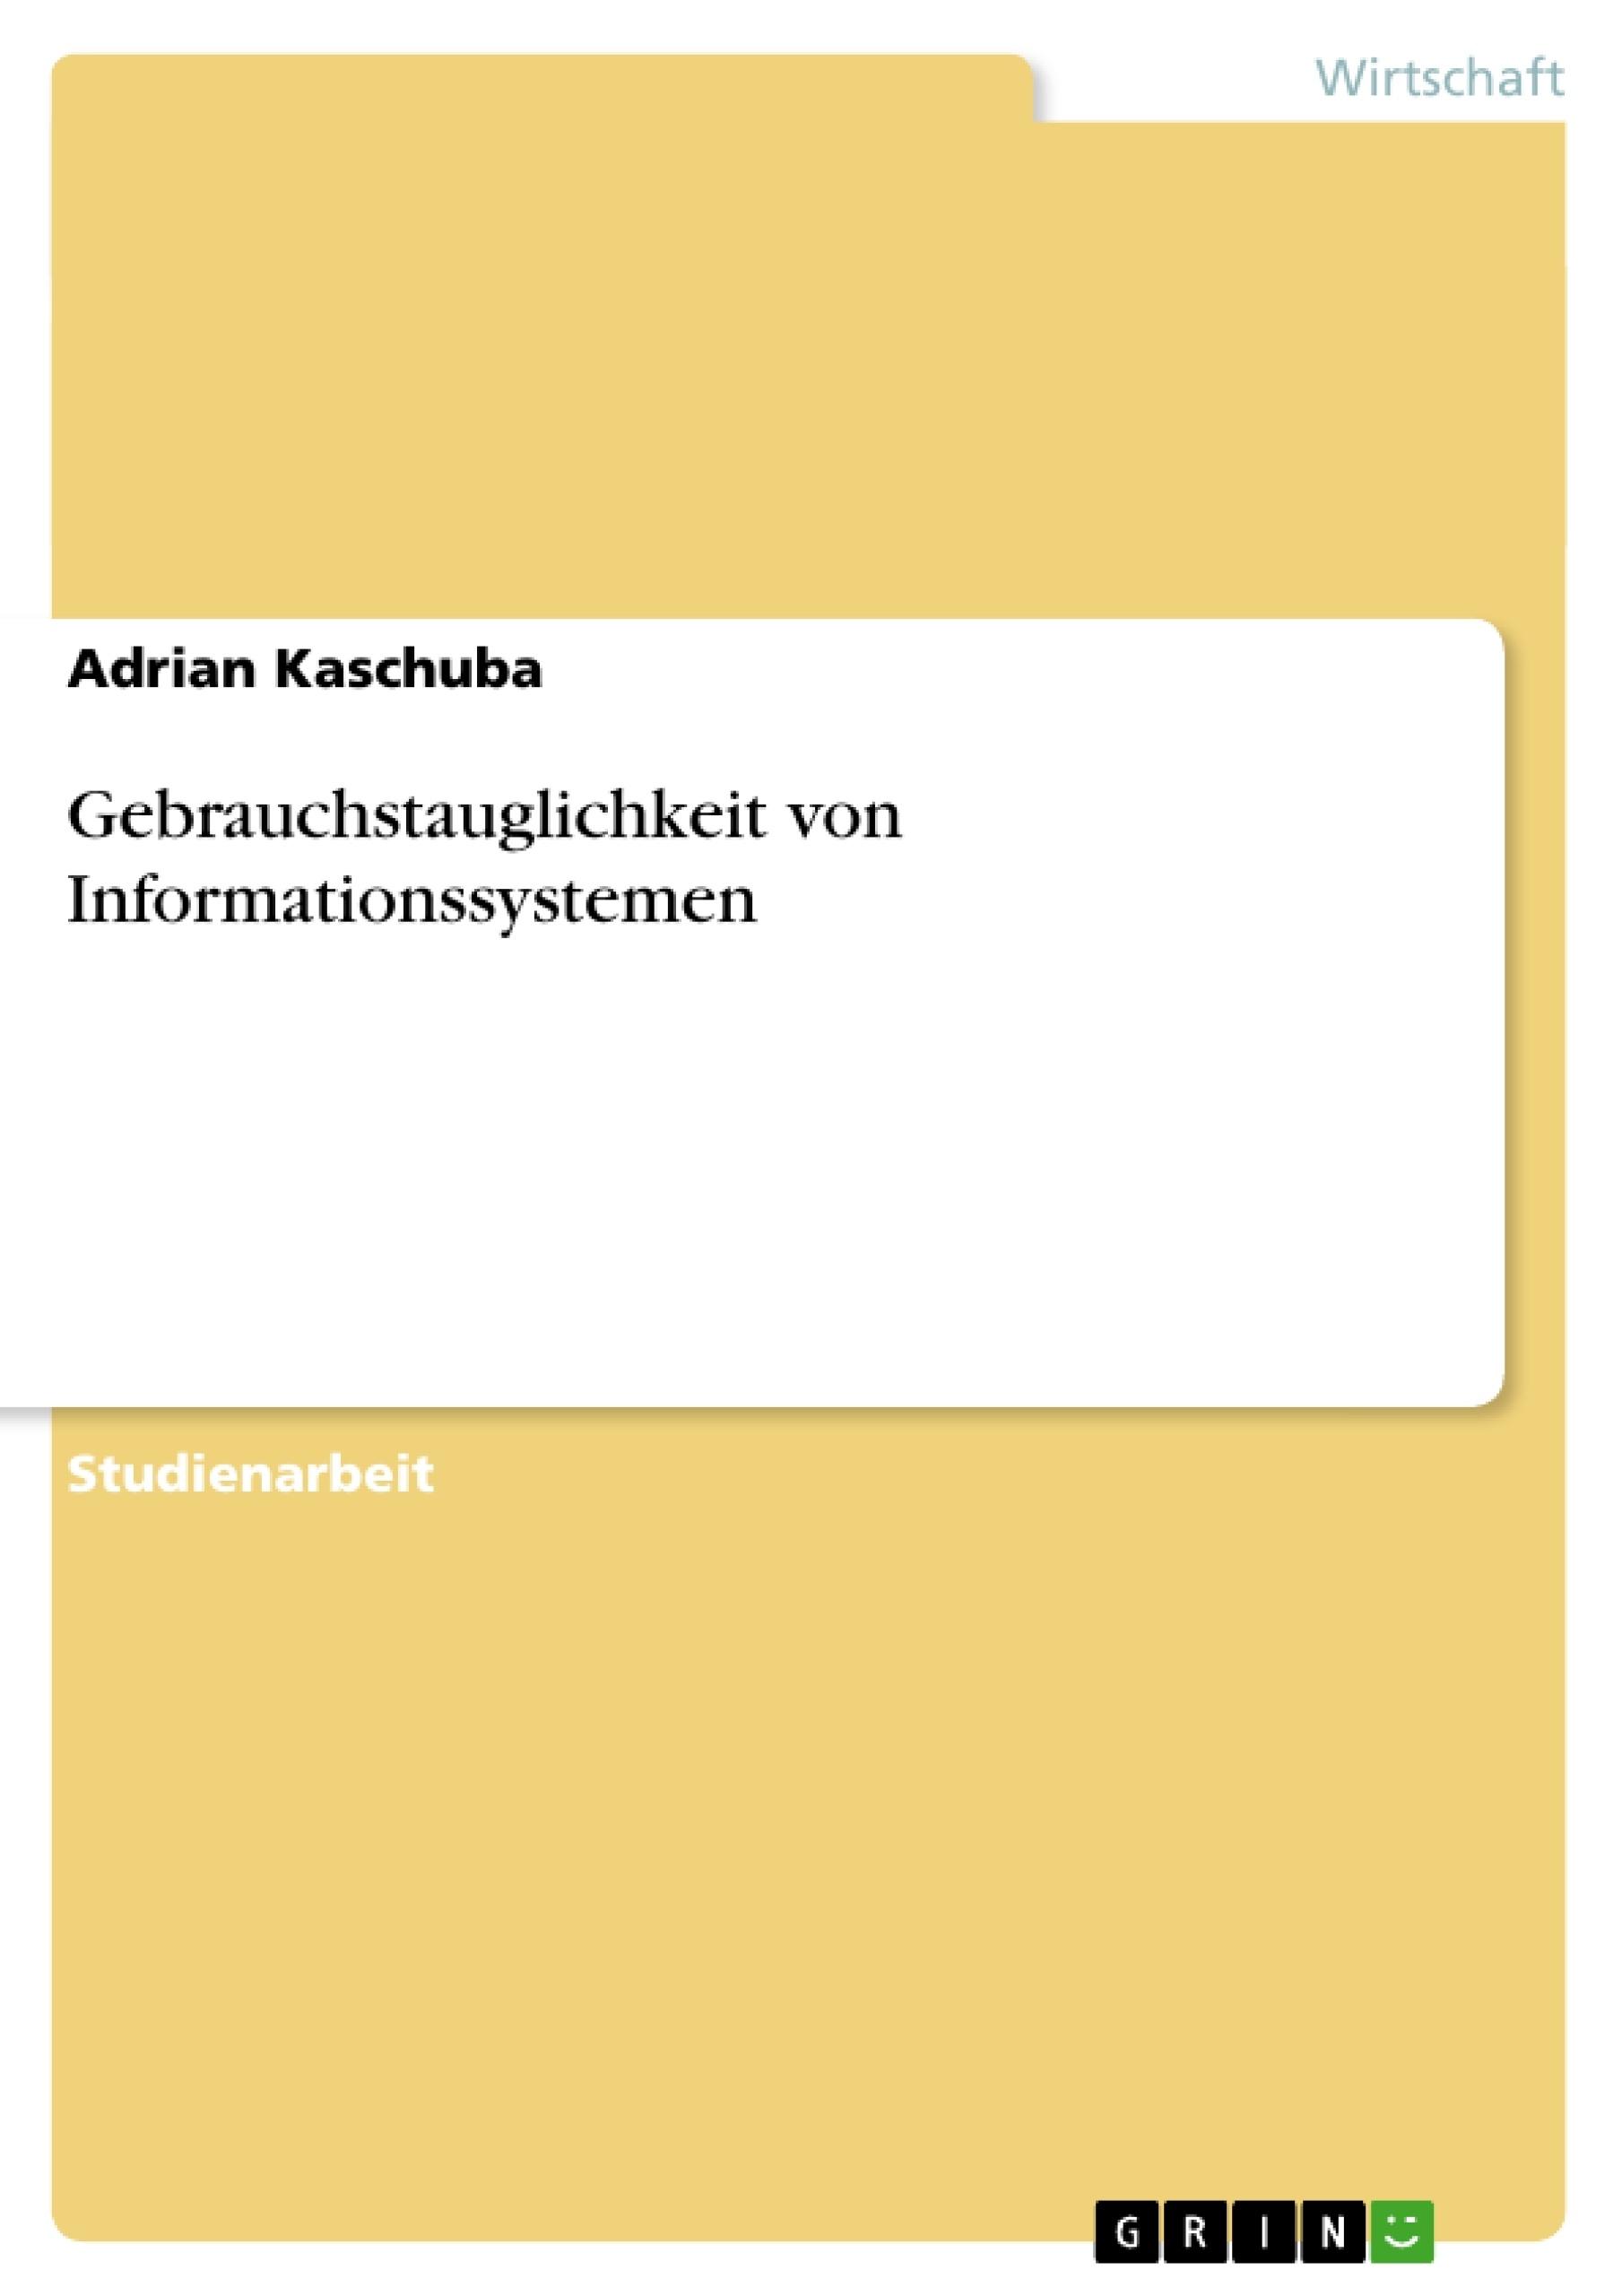 Titel: Gebrauchstauglichkeit von Informationssystemen